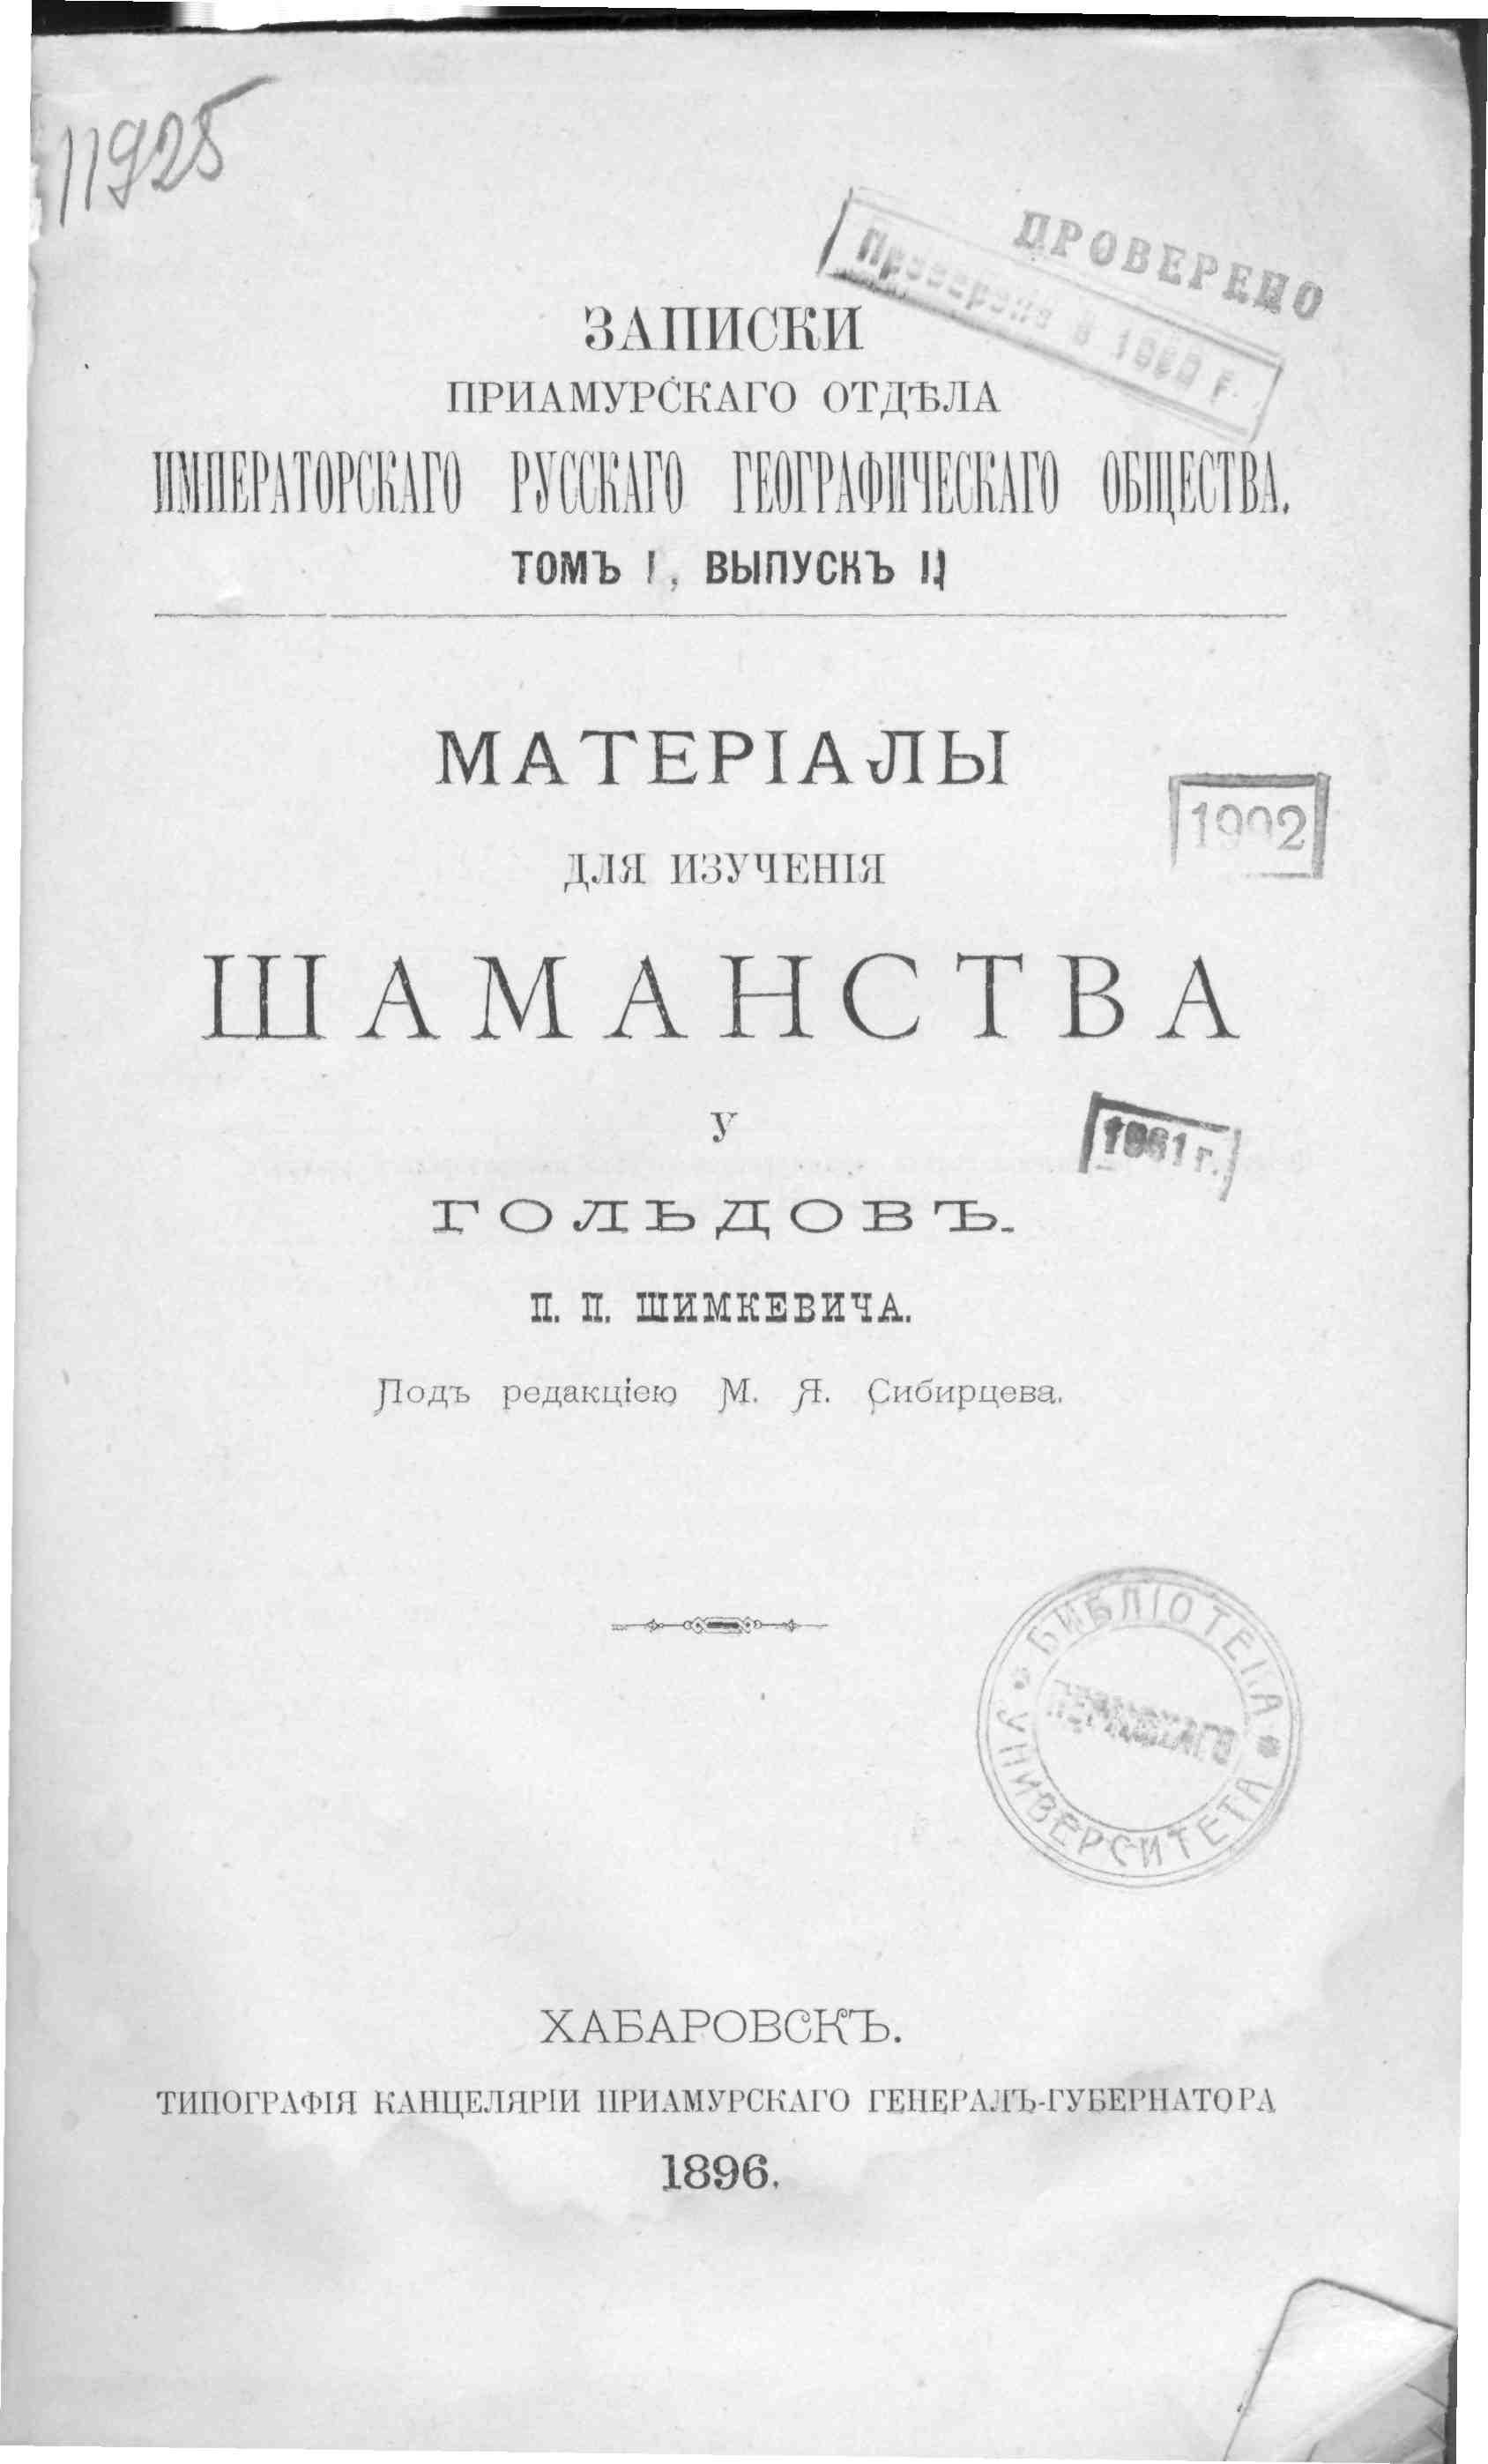 Шимкевич П.П. Материалы для изучения шаманства